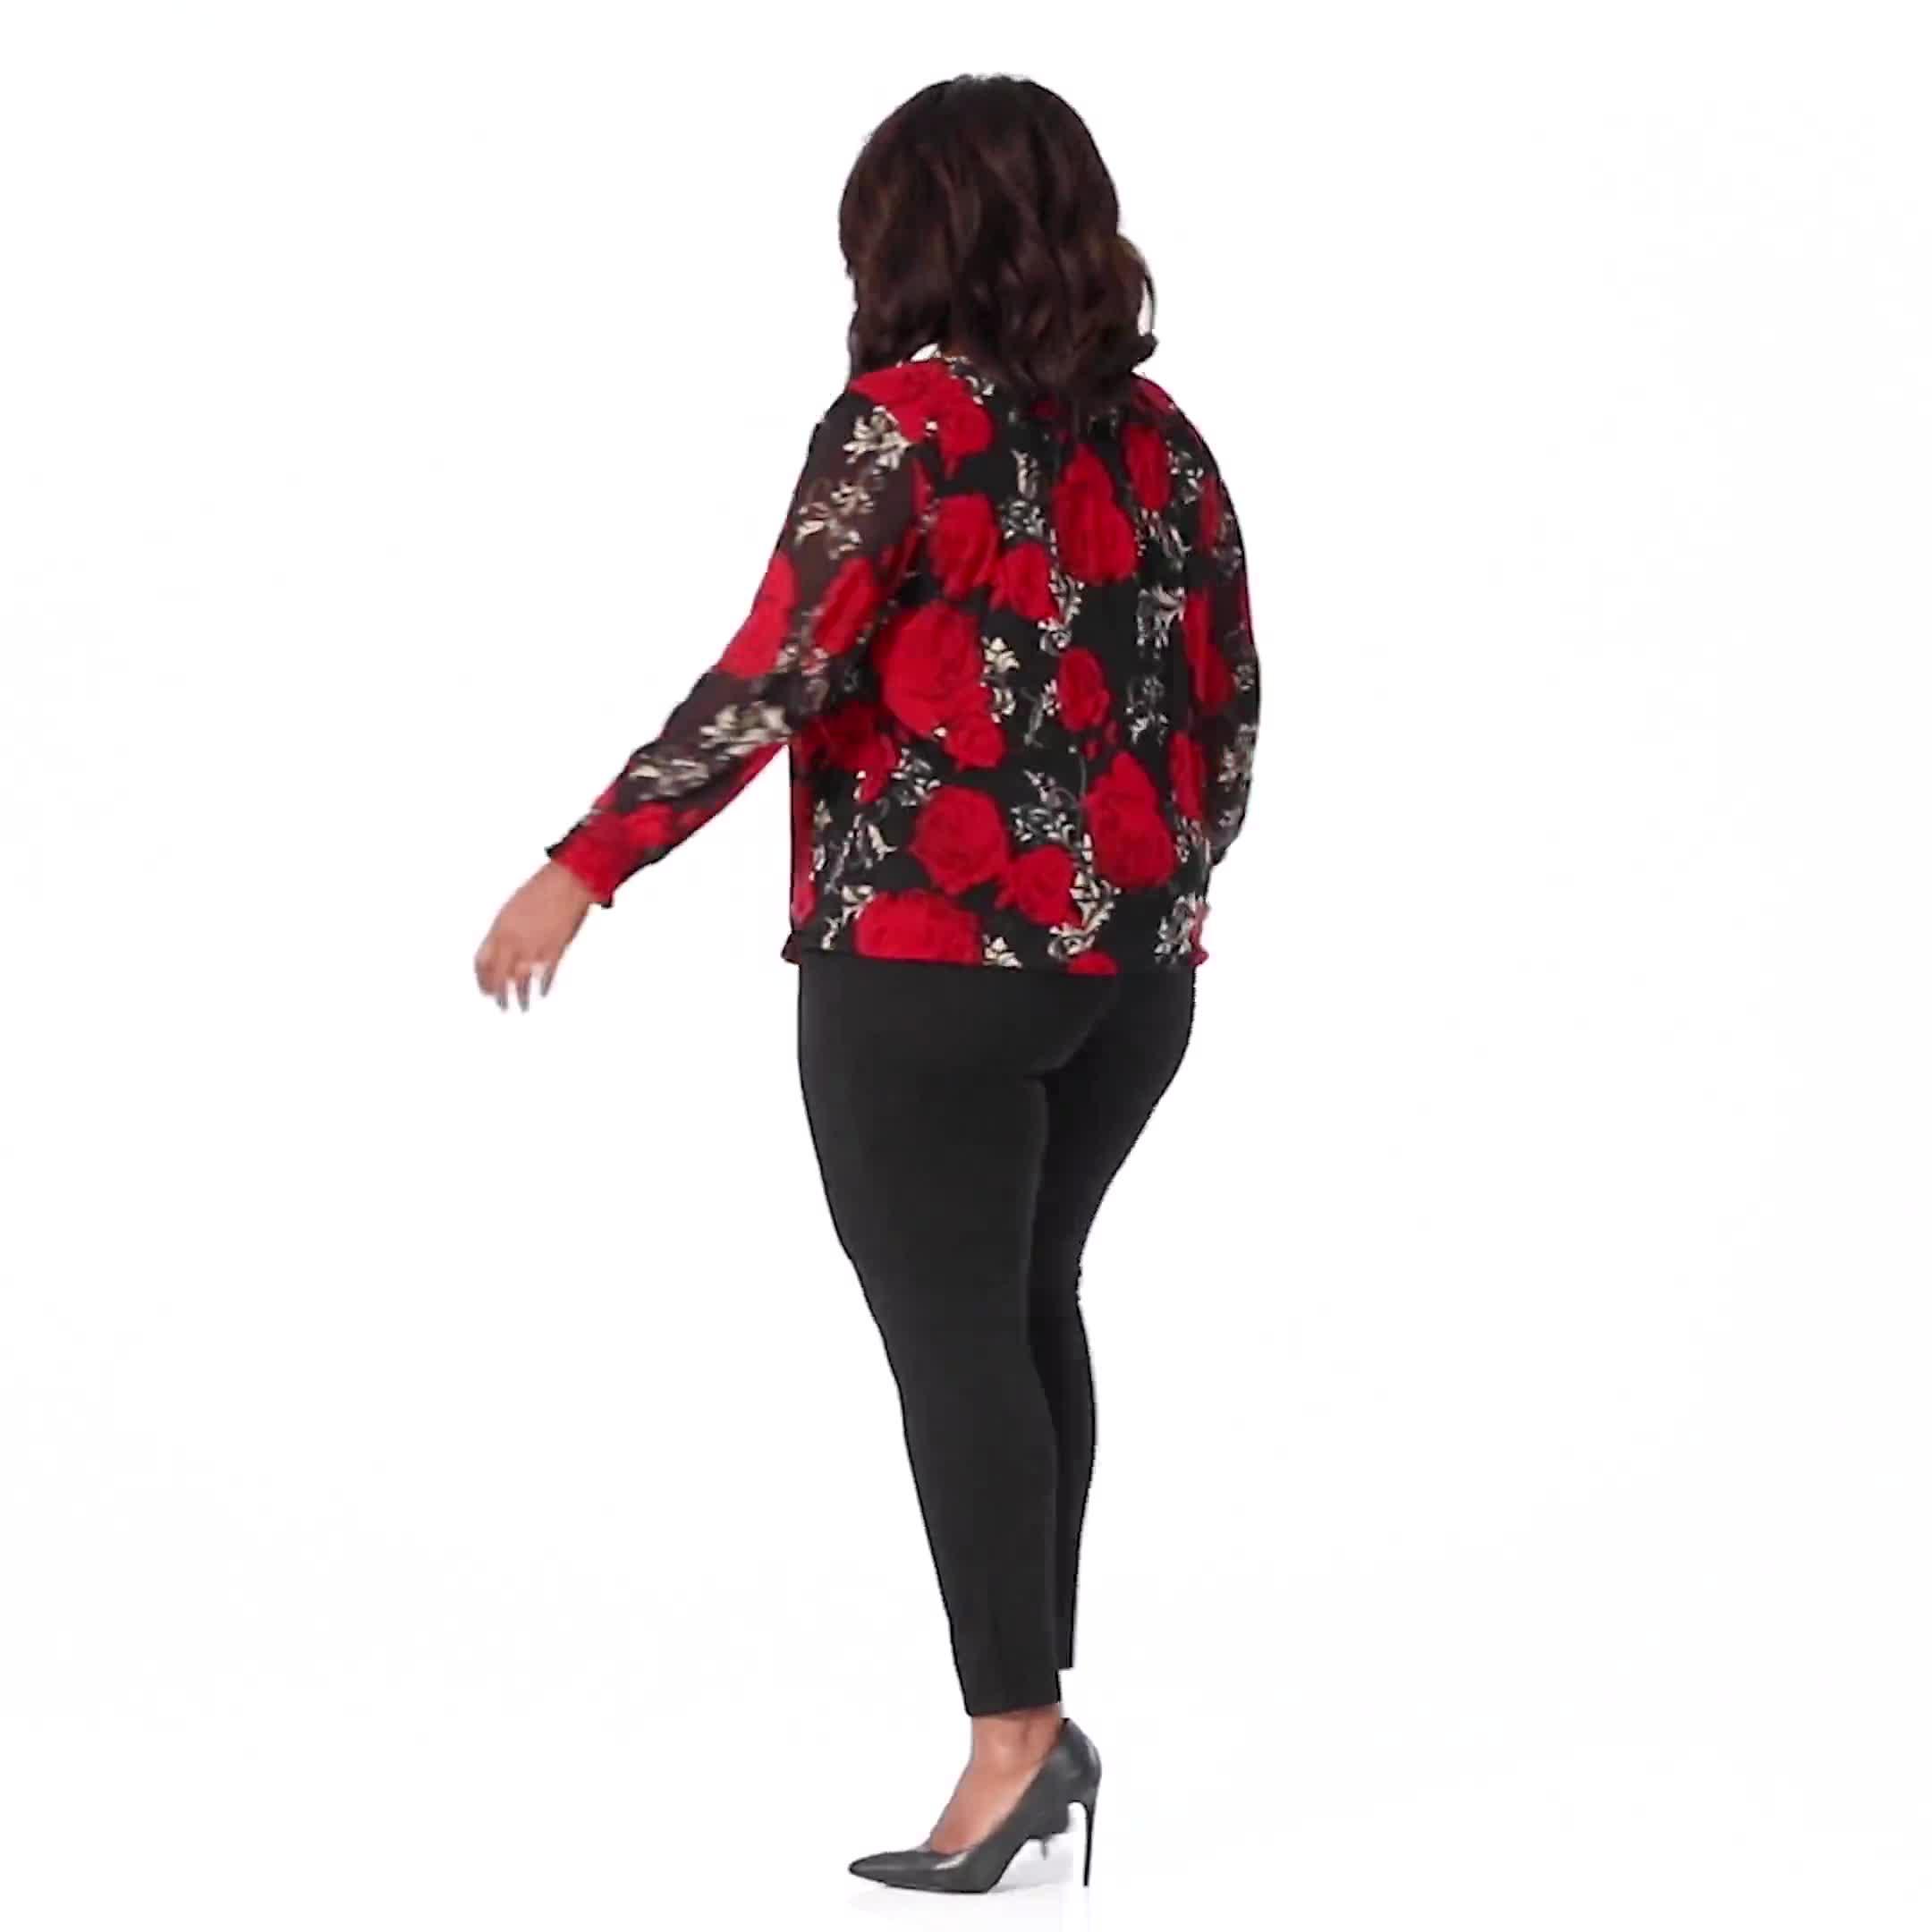 Roz & Ali Floral Bubble Hem Blouse - Plus - Video